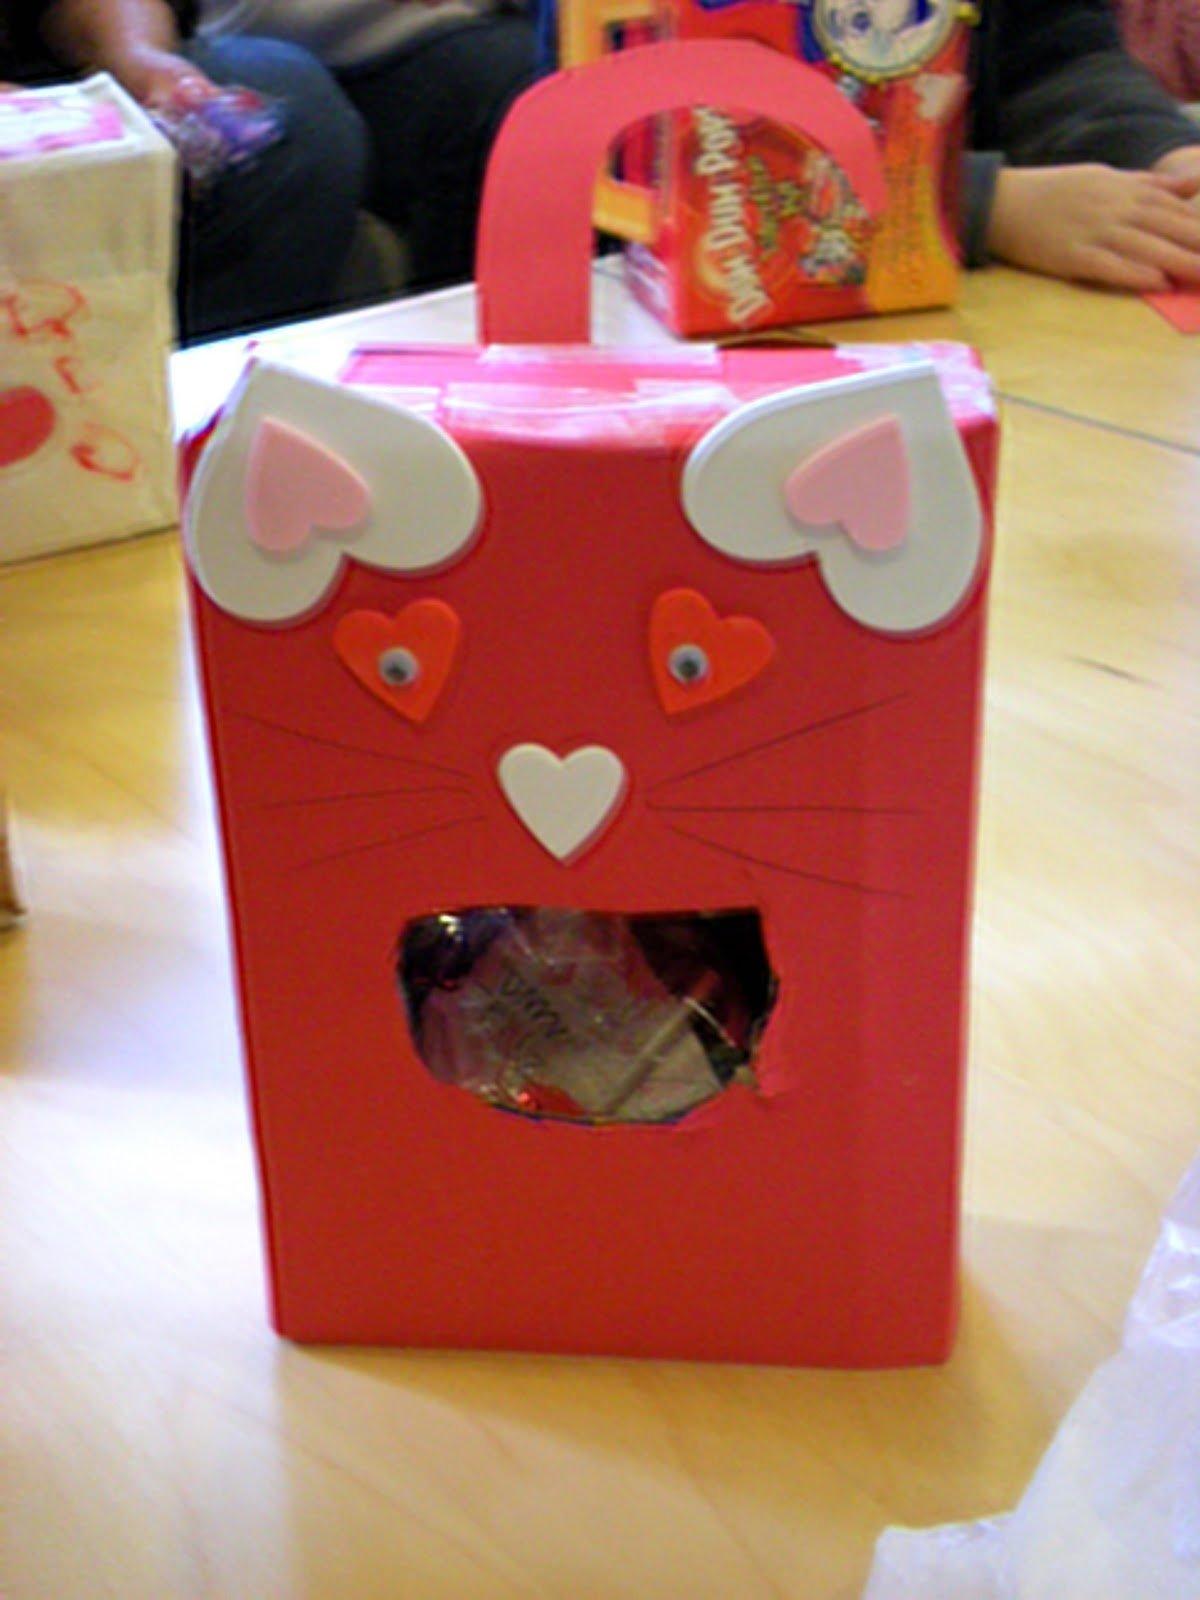 10 Stylish Valentine Shoe Box Decorating Ideas inspirational valentine shoe box decorating ideas 85 on home 2021